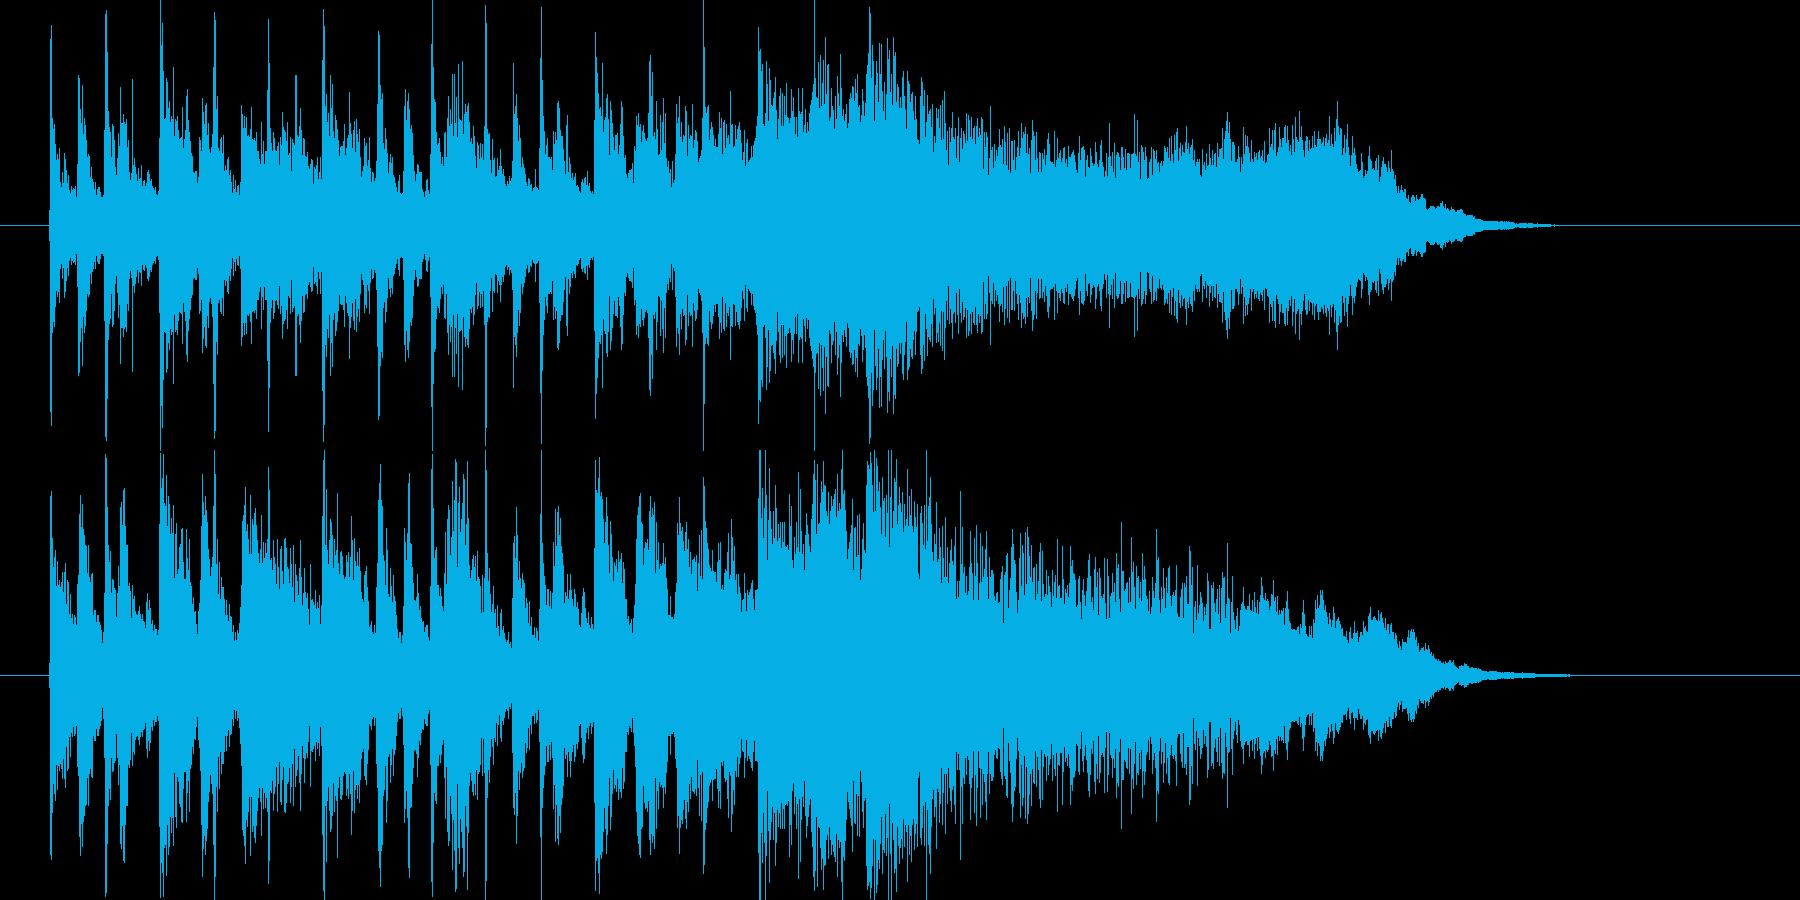 おしゃれで明るいジャズポップスの再生済みの波形